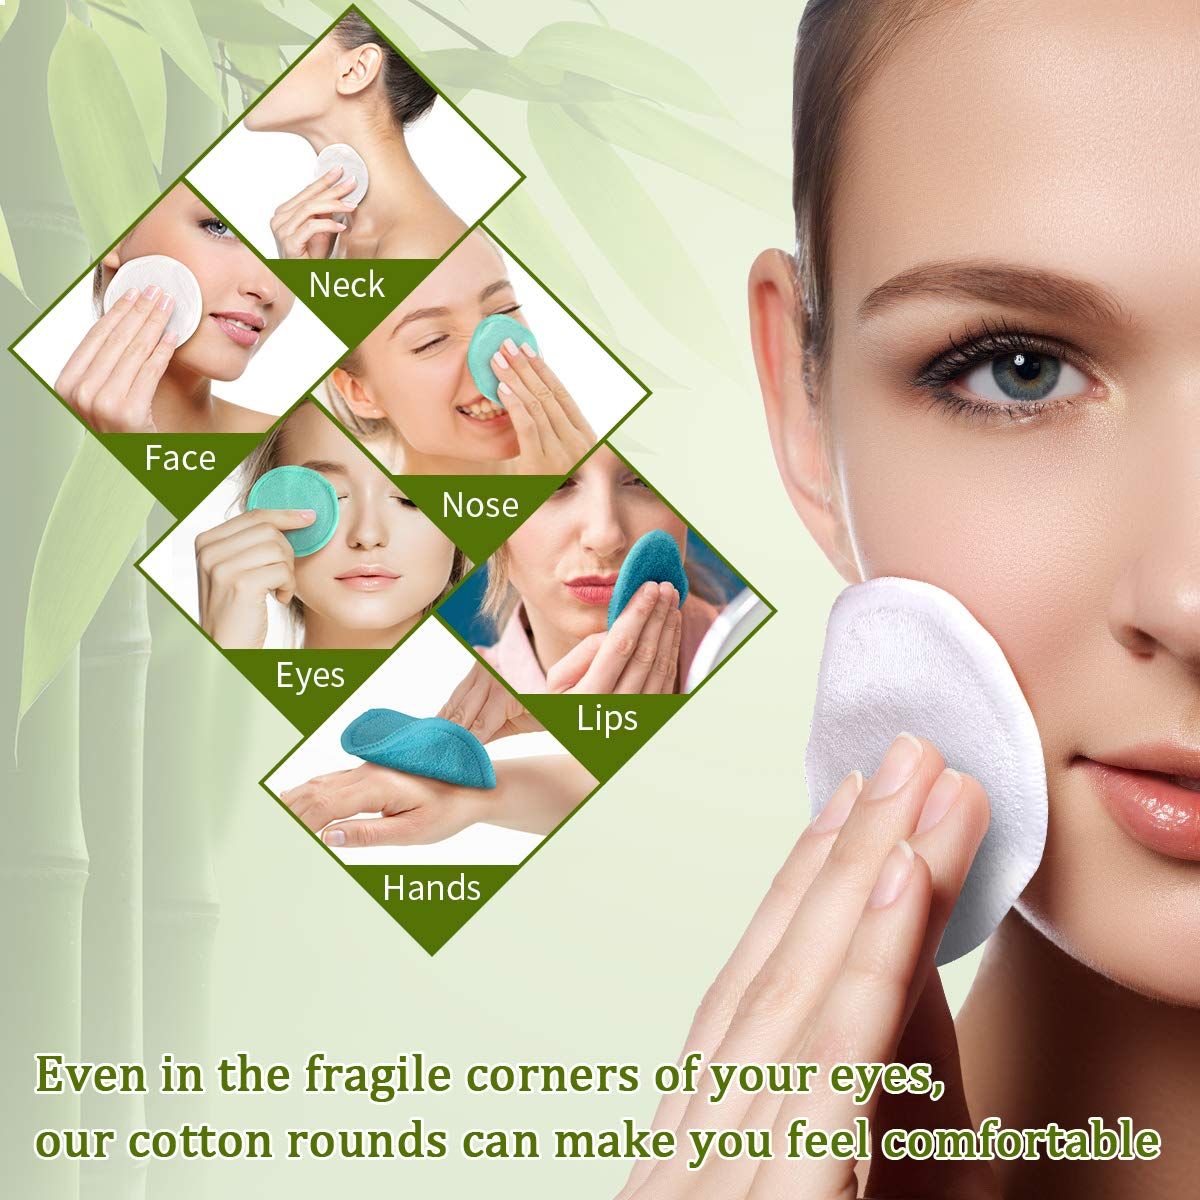 1000PCS maquillaje suave almohadillas de algod/ón pelusa Toallitas gratuita para eliminar de u/ñas Cara Ojos absorbente y delgada de algod/ón cosm/ético